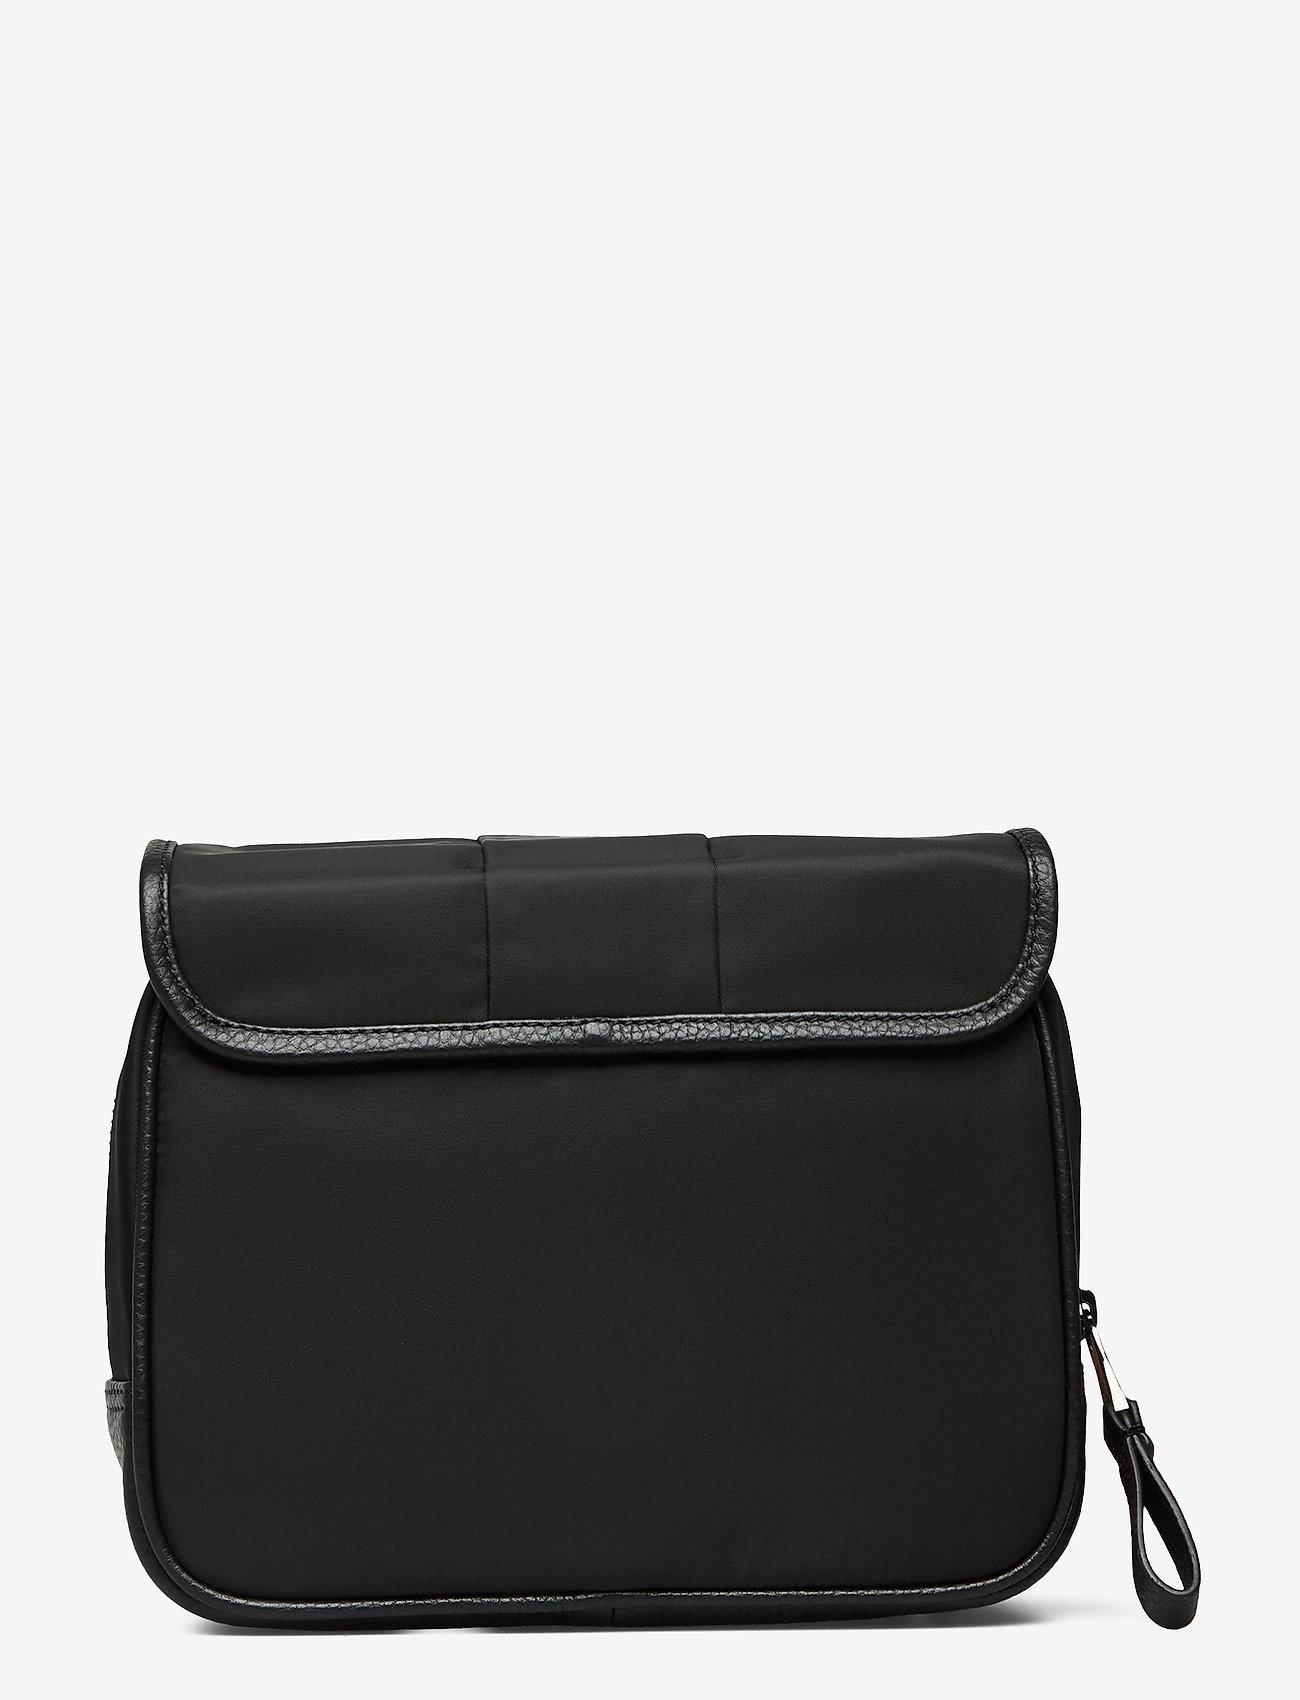 Saddler - Moscow - sale - black/black - 1